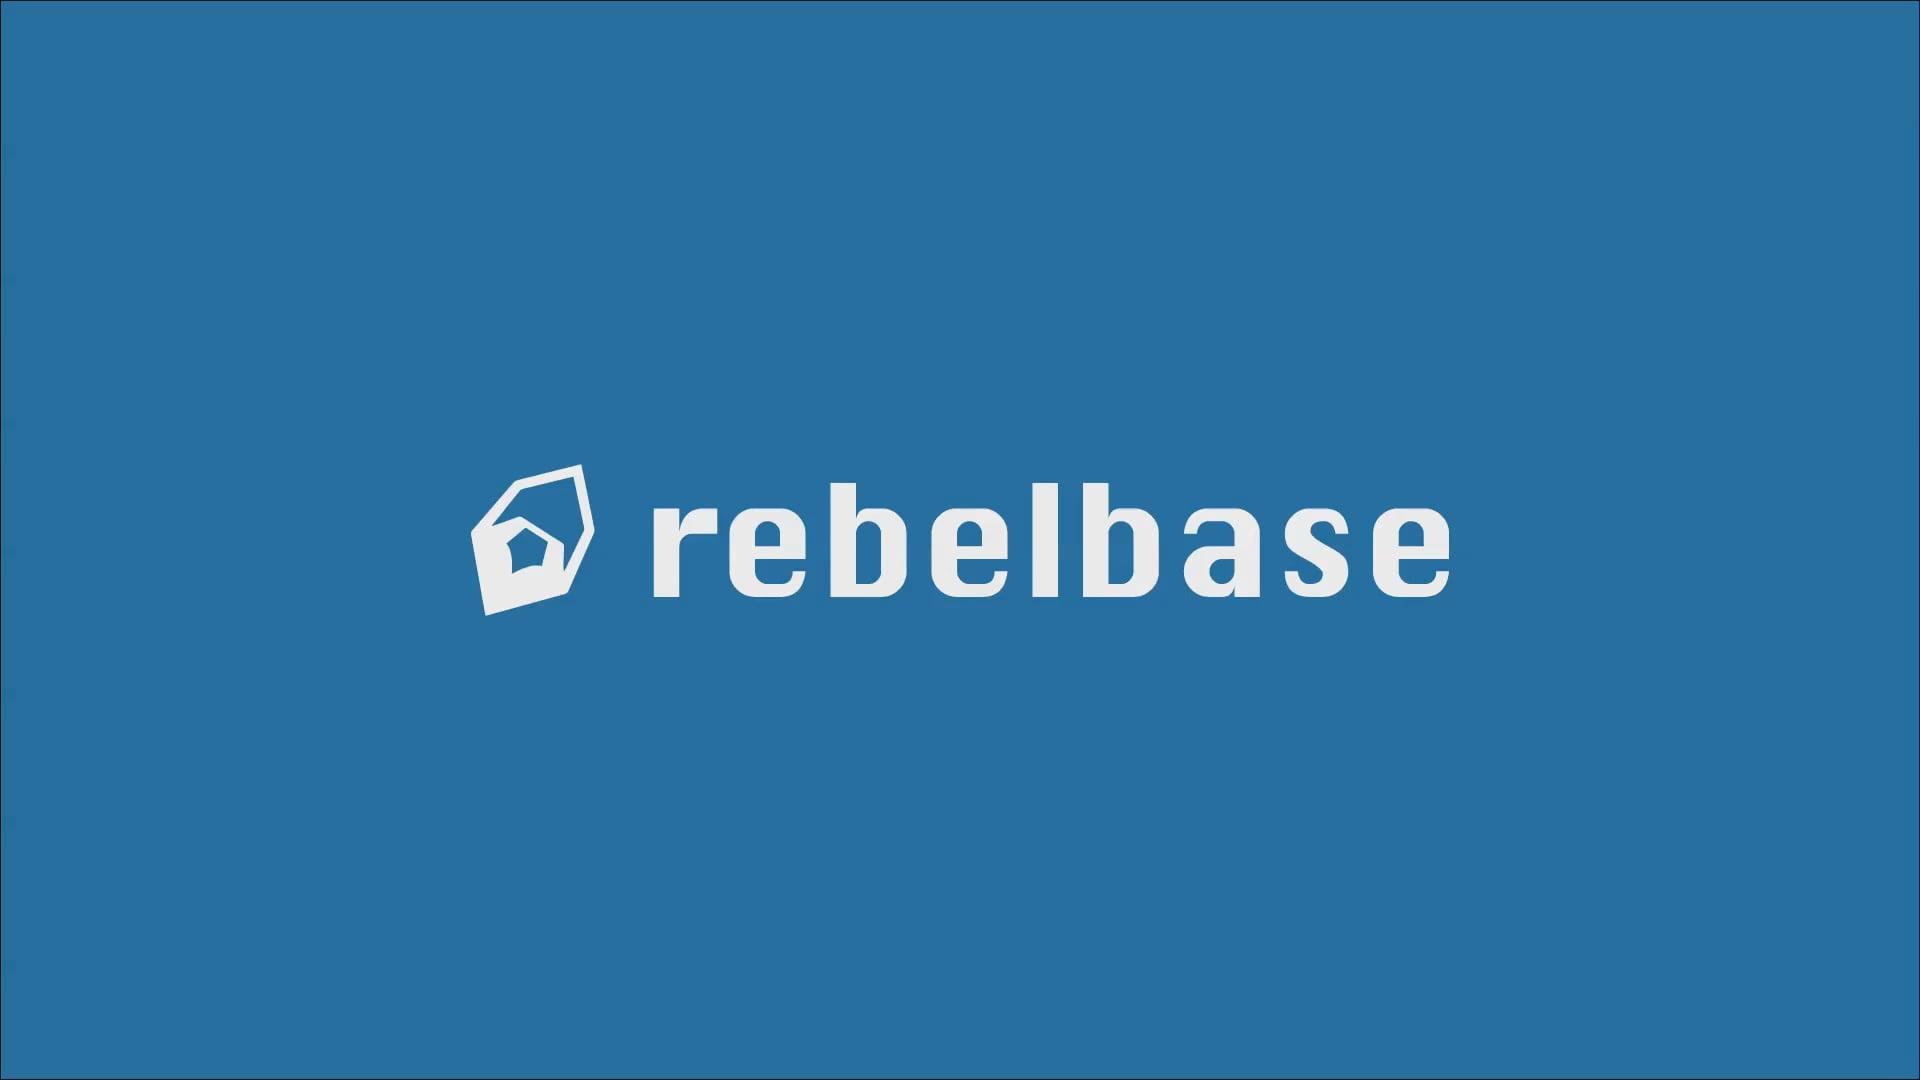 Rebelbase Promo